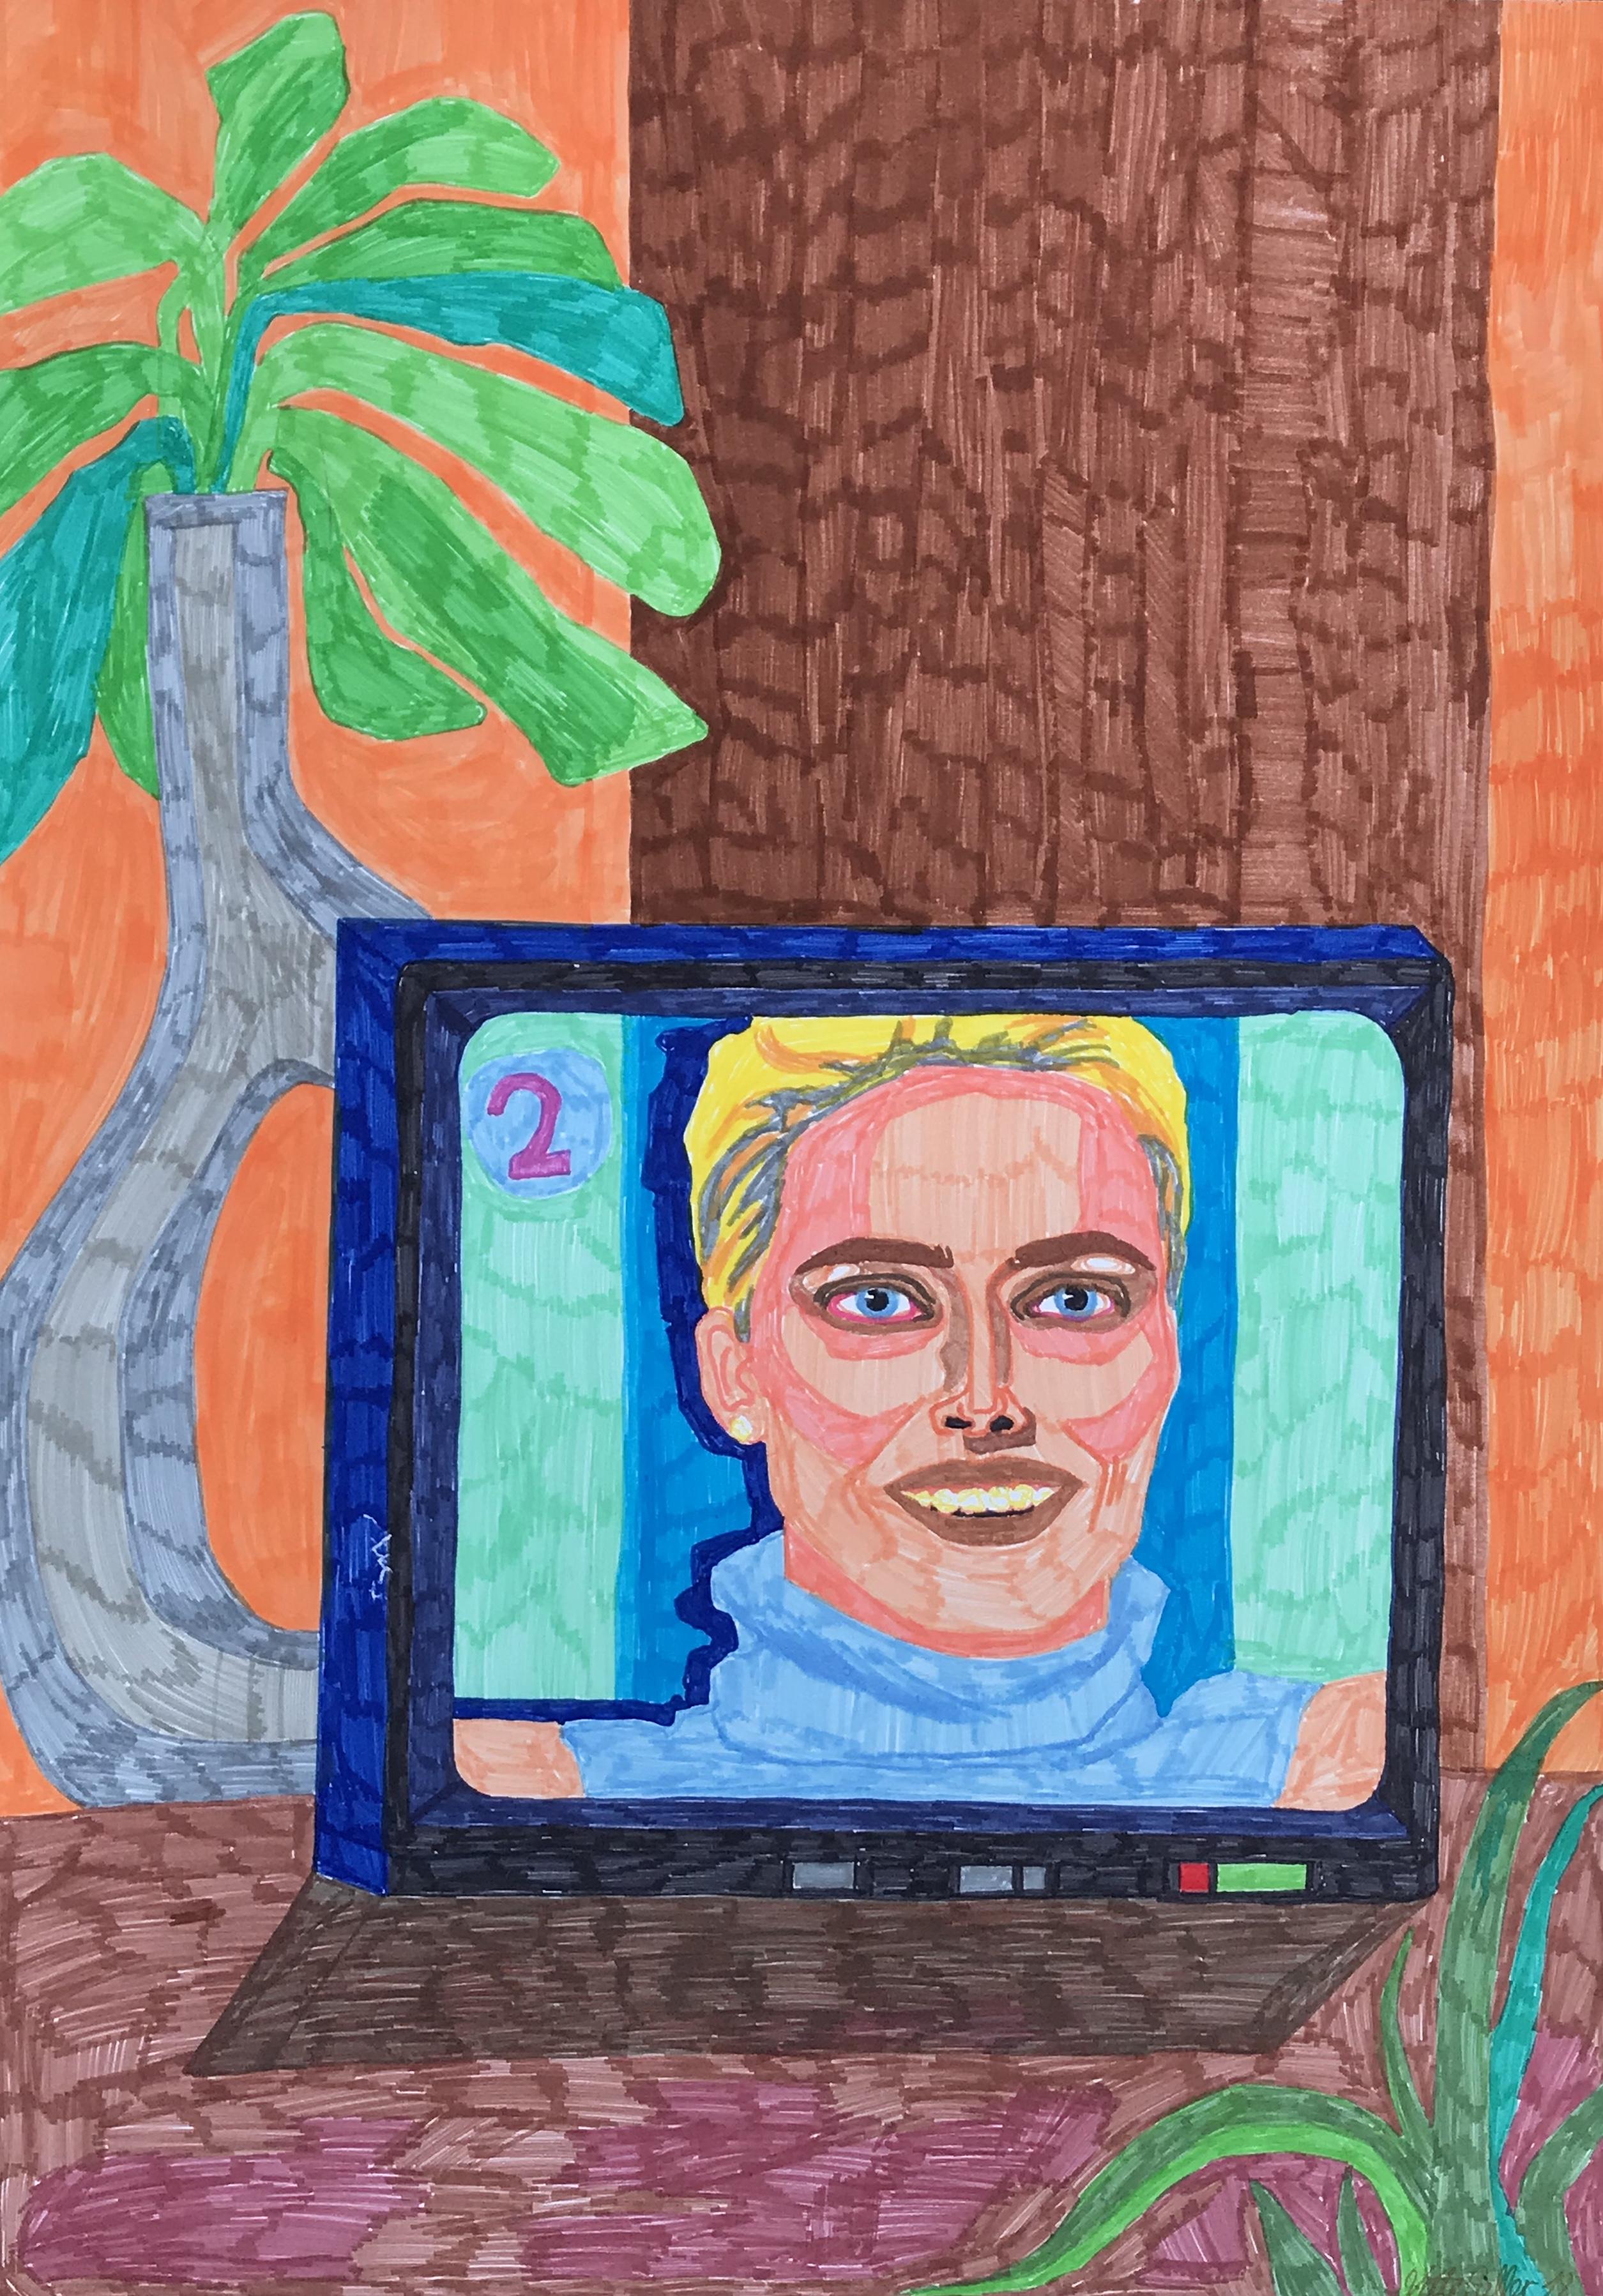 Vilte Fuller, Watching TV, 2018